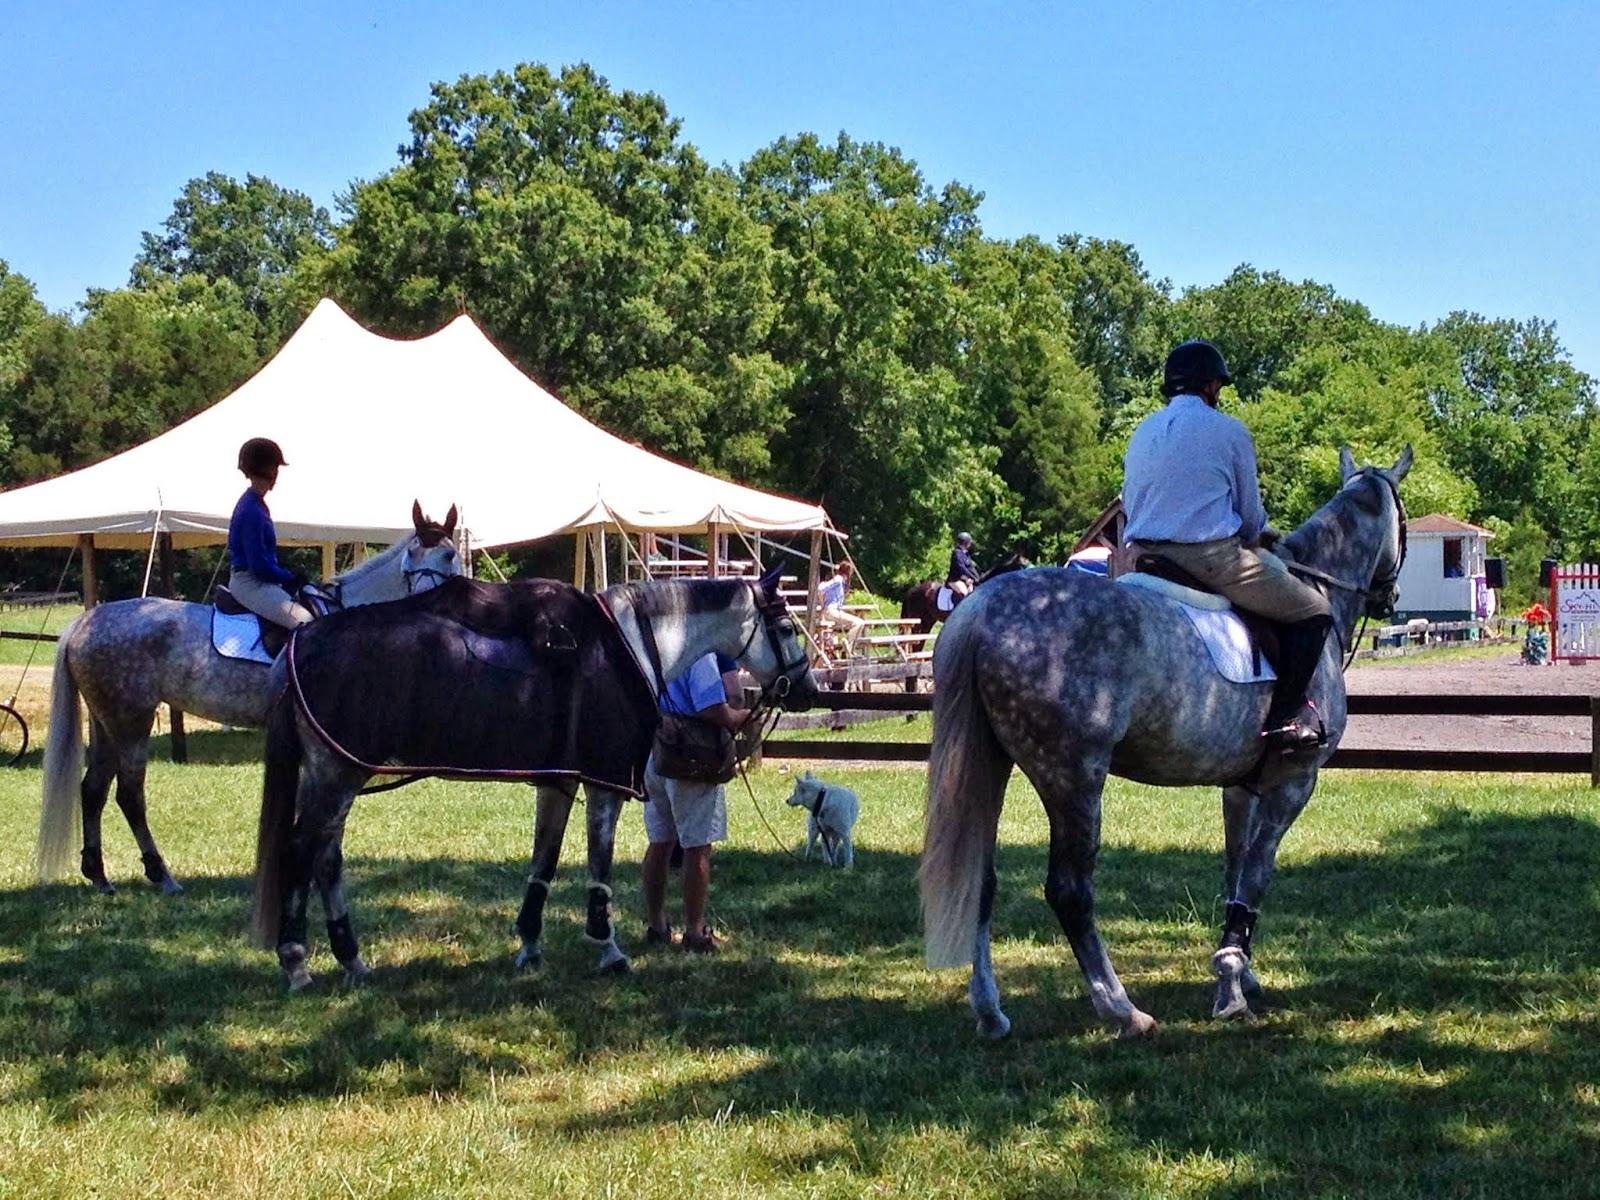 Three horses in the shade. Commonwealth Park, VA